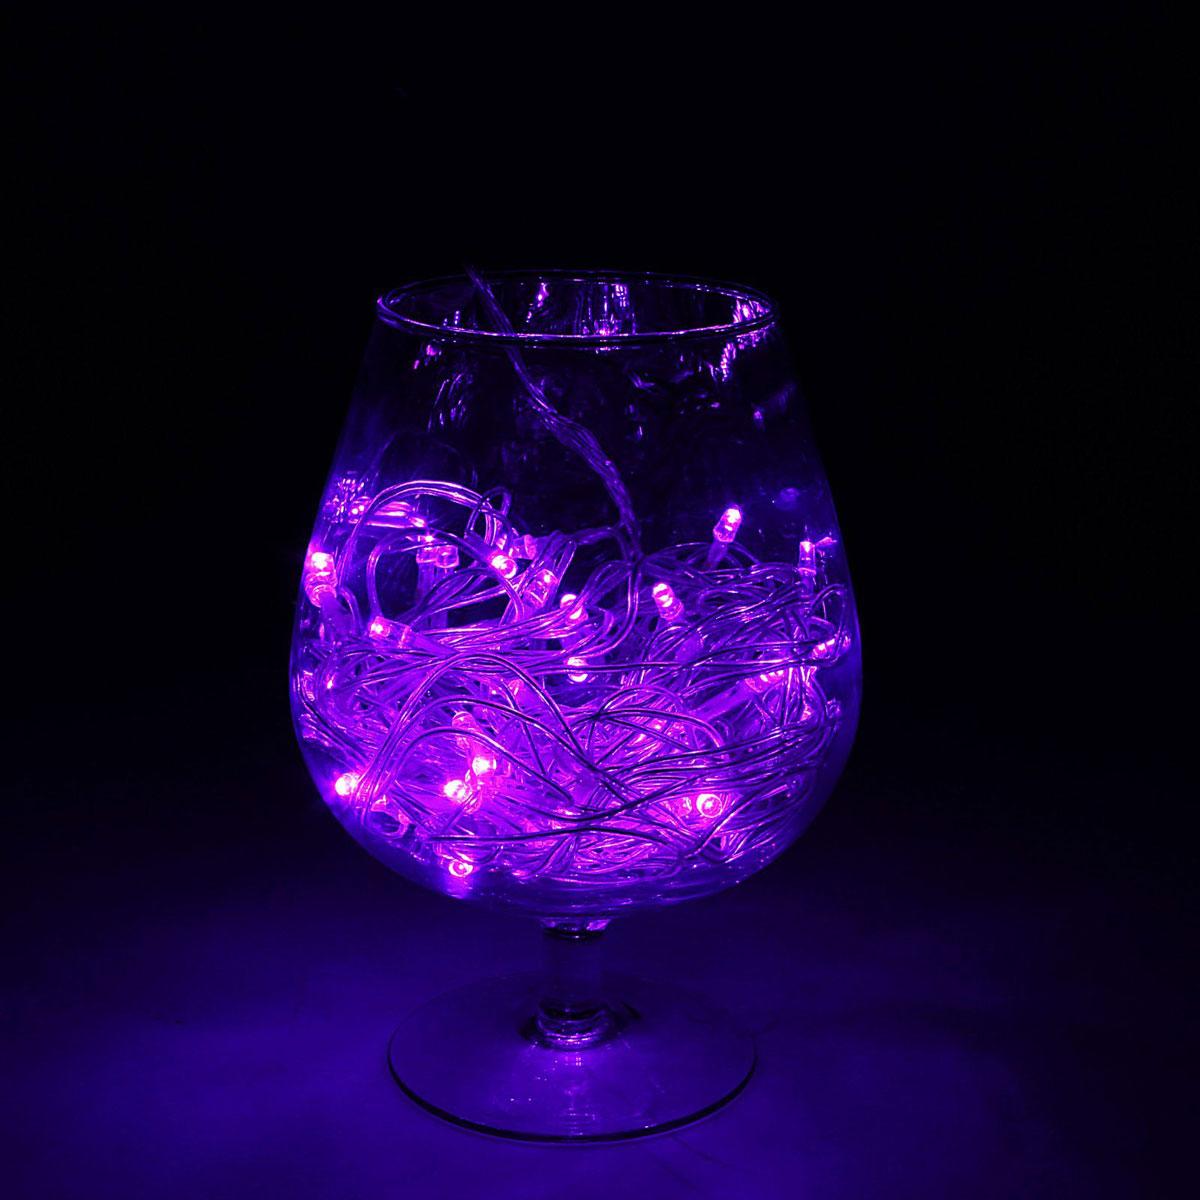 Гирлянда светодиодная Luazon Метраж, уличная, 8 режимов, 52 лампы, 220 V, 5 м, цвет: фиолетовый. 1079985 гирлянда luazon дождь 2m 6m multicolor 671678